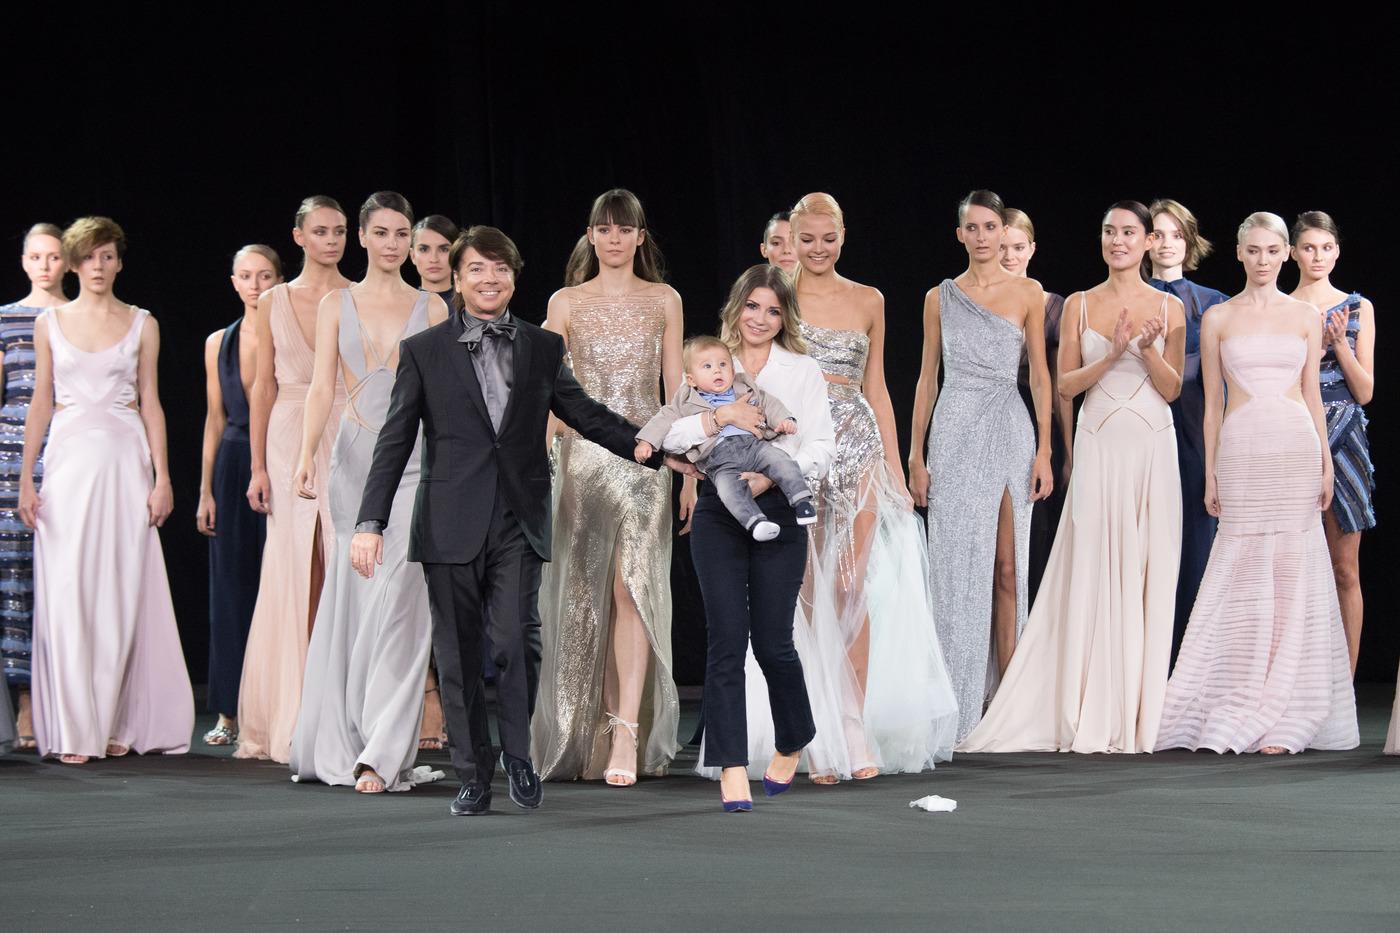 В Кремле прошел юбилейный модный показ Юдашкина новые фото